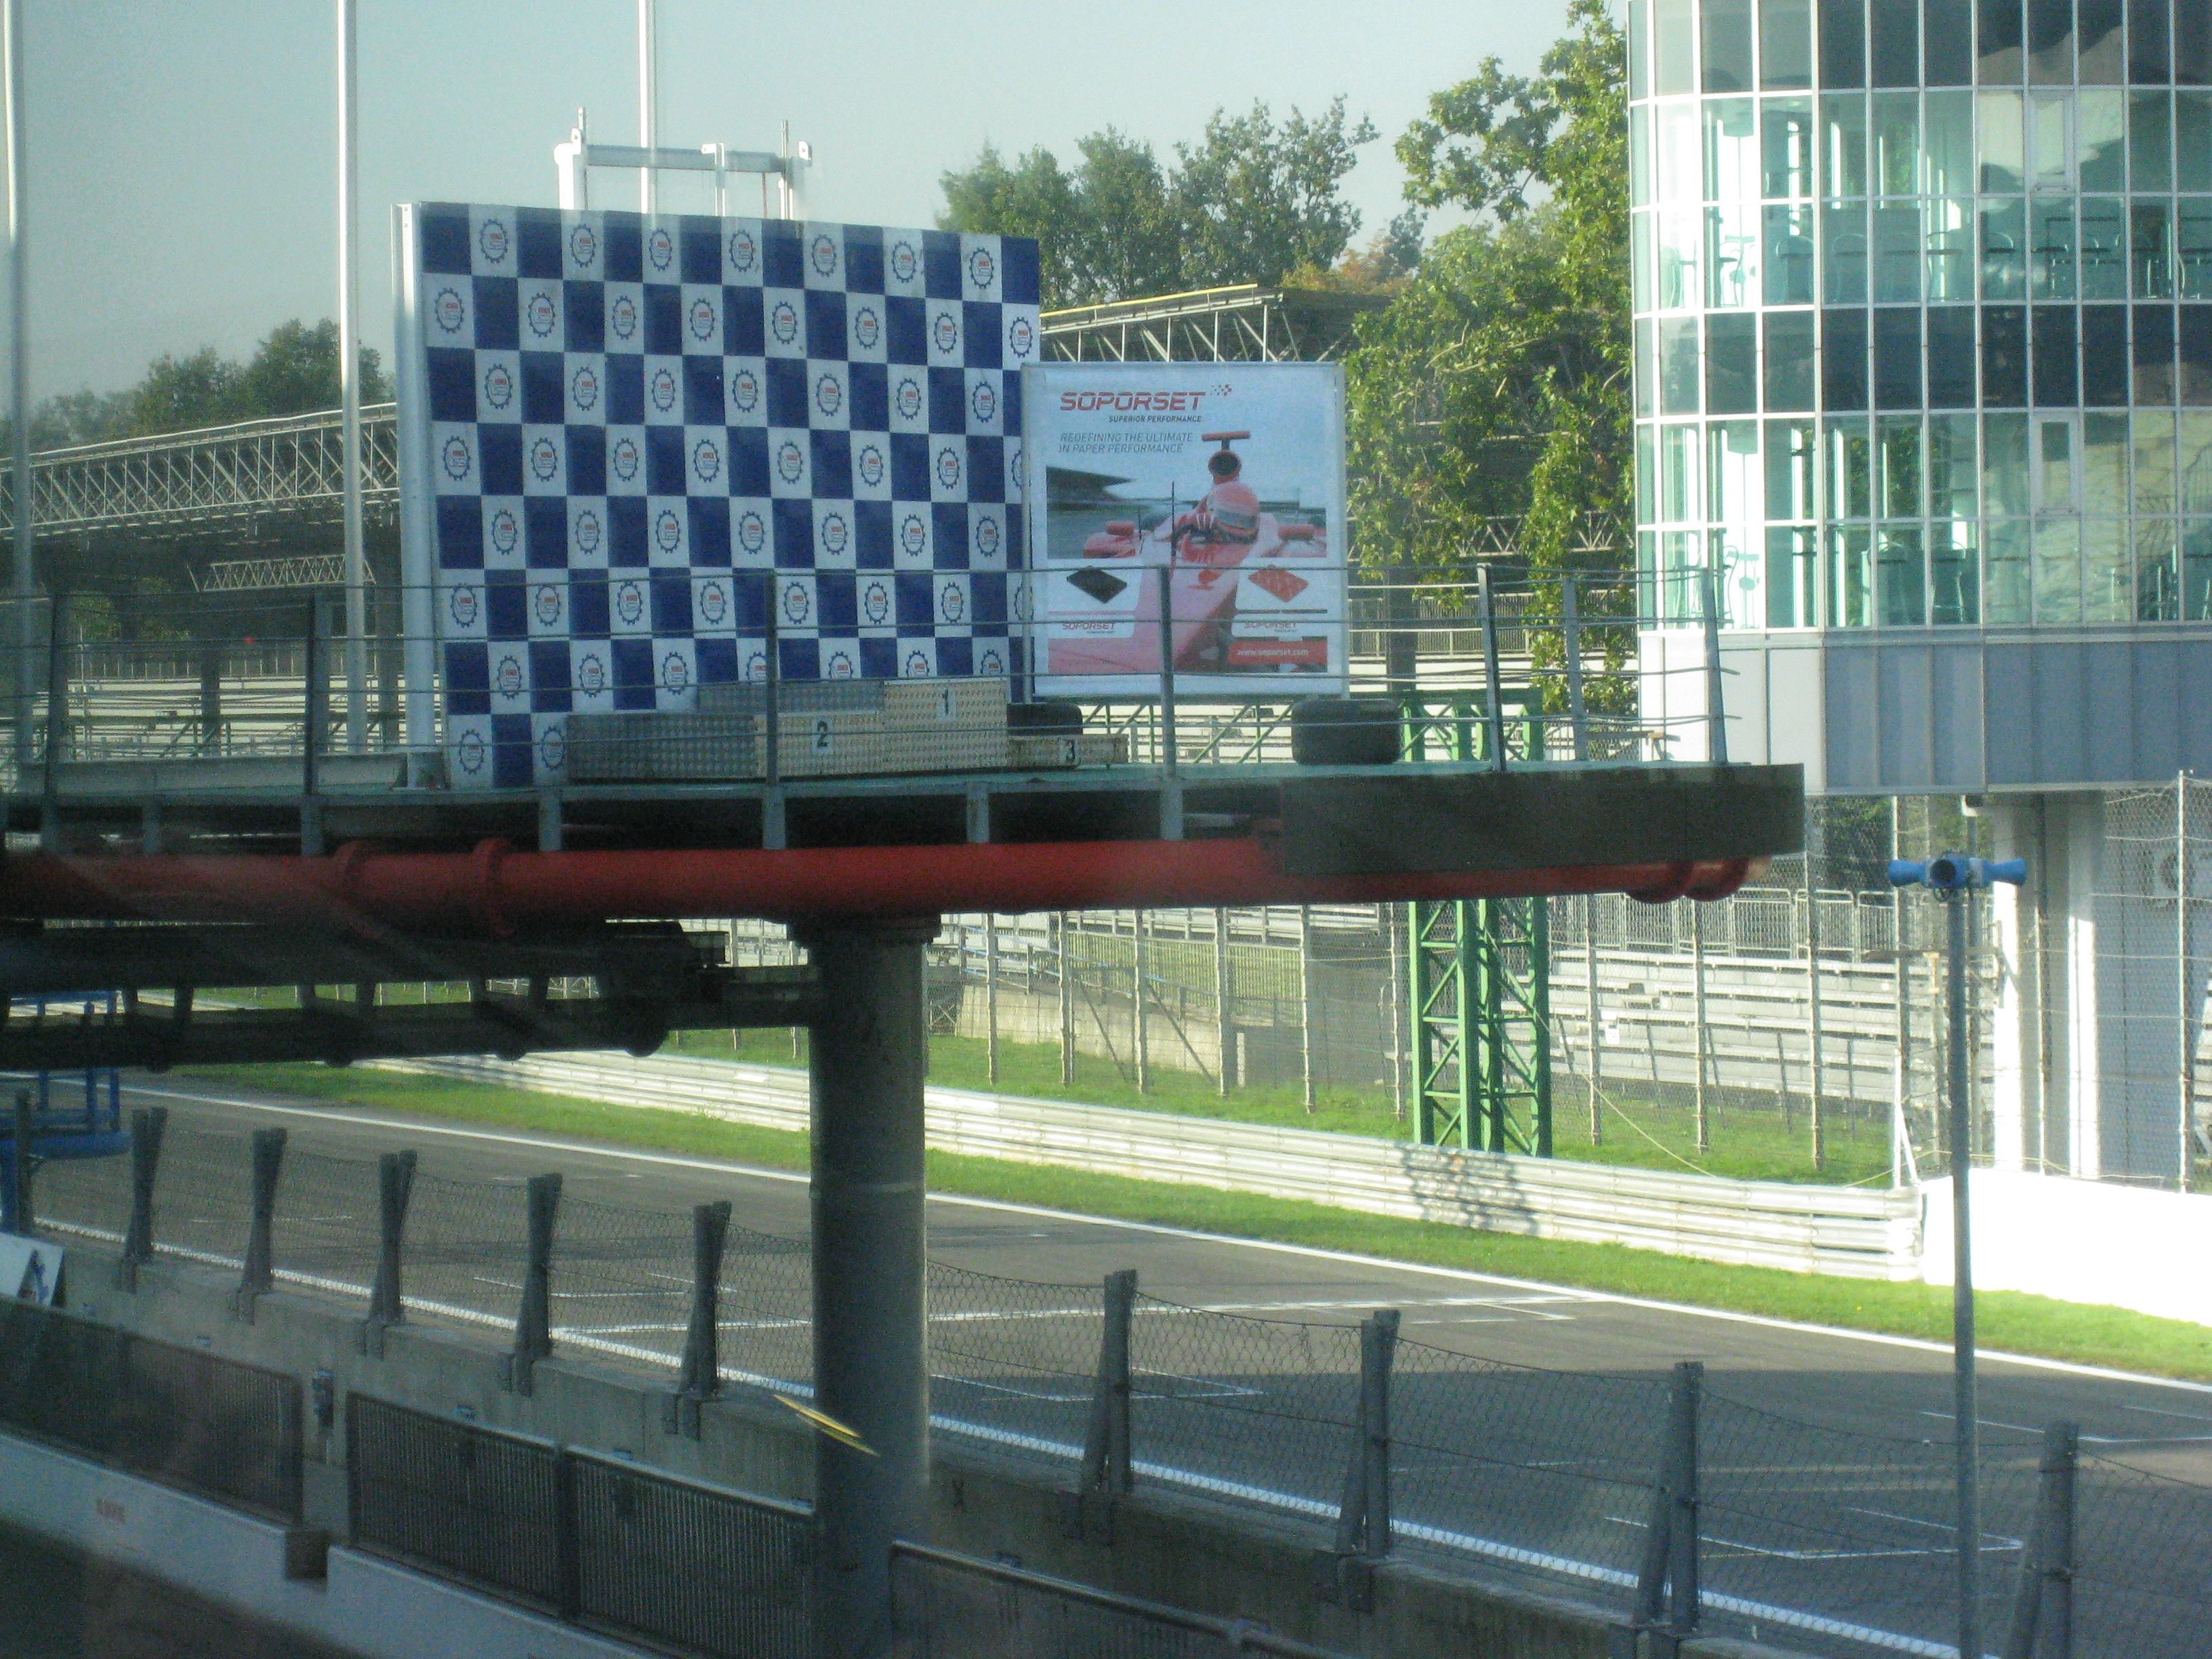 Circuito Monza : Guida una vera formula sul circuito di monza regali